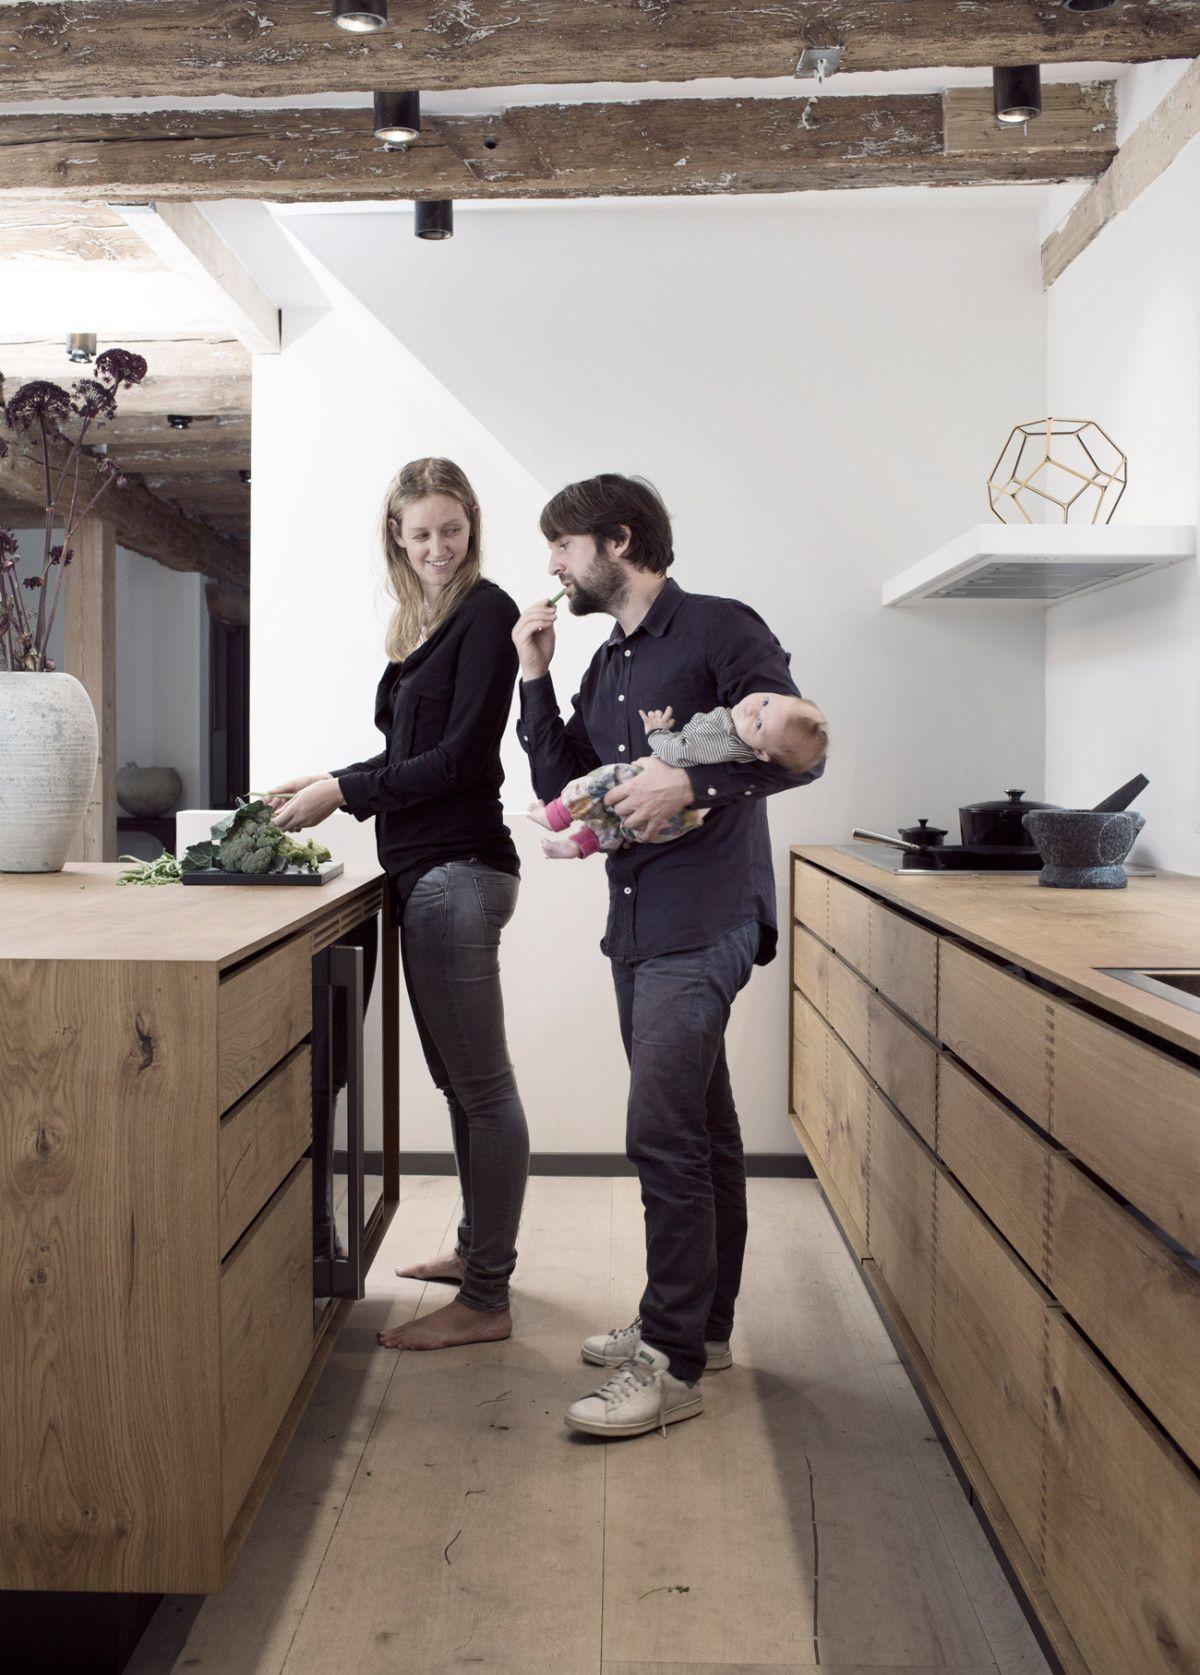 Küchen steckbrief #4: eine küche in kopenhagen von garde hvalsøe ...